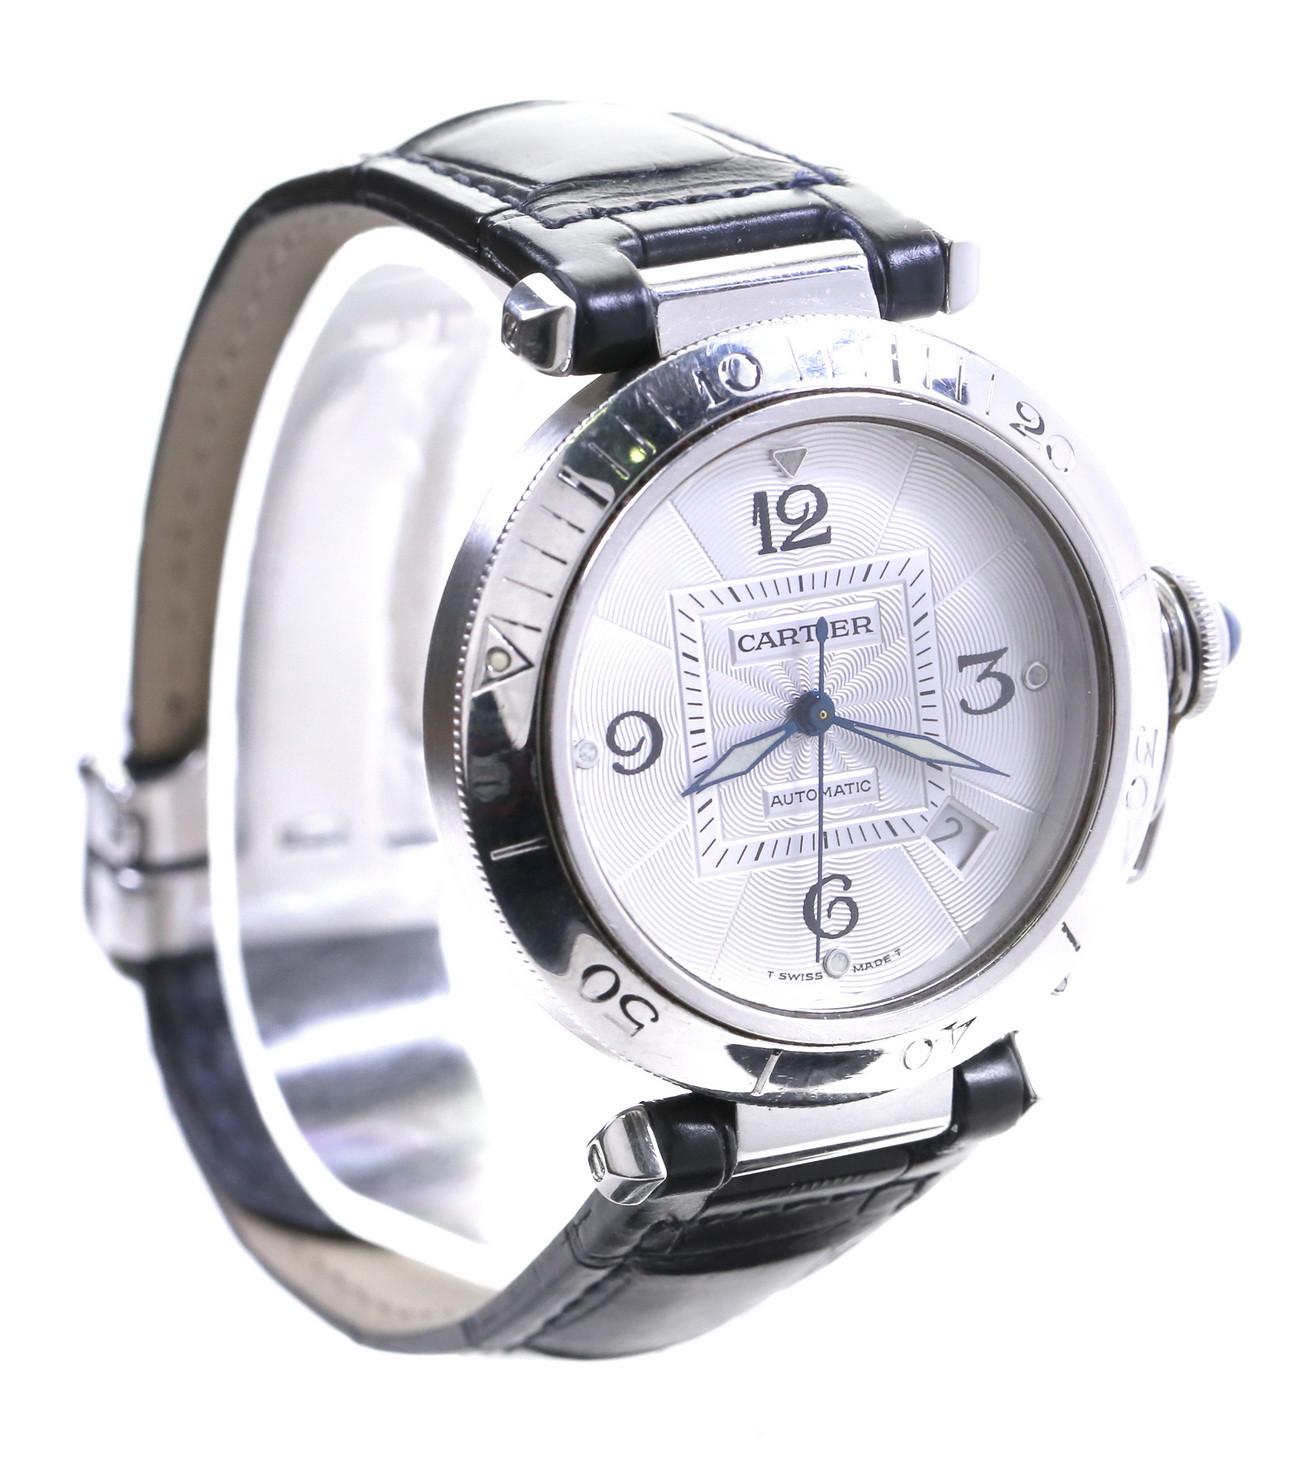 Zegarek Cartier Pasha Seatimer Automatic - Pasek + Bransoleta